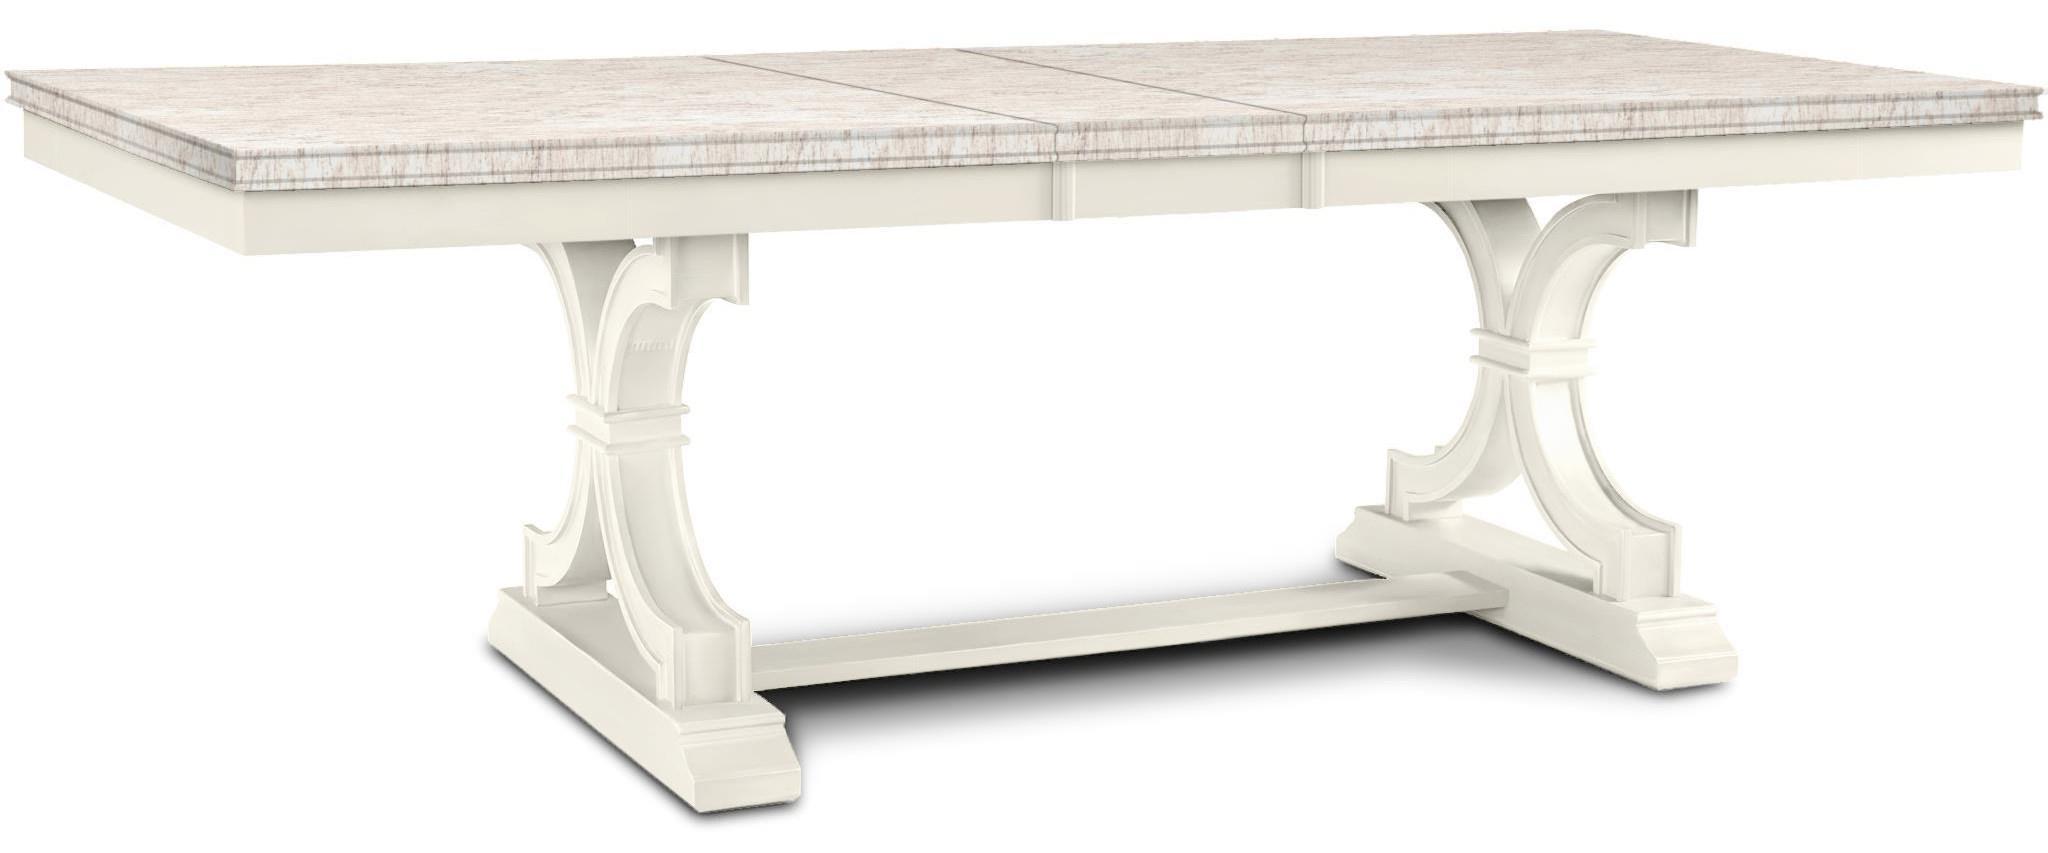 Sonoma TRESTLE TABLE by John Thomas at Johnny Janosik